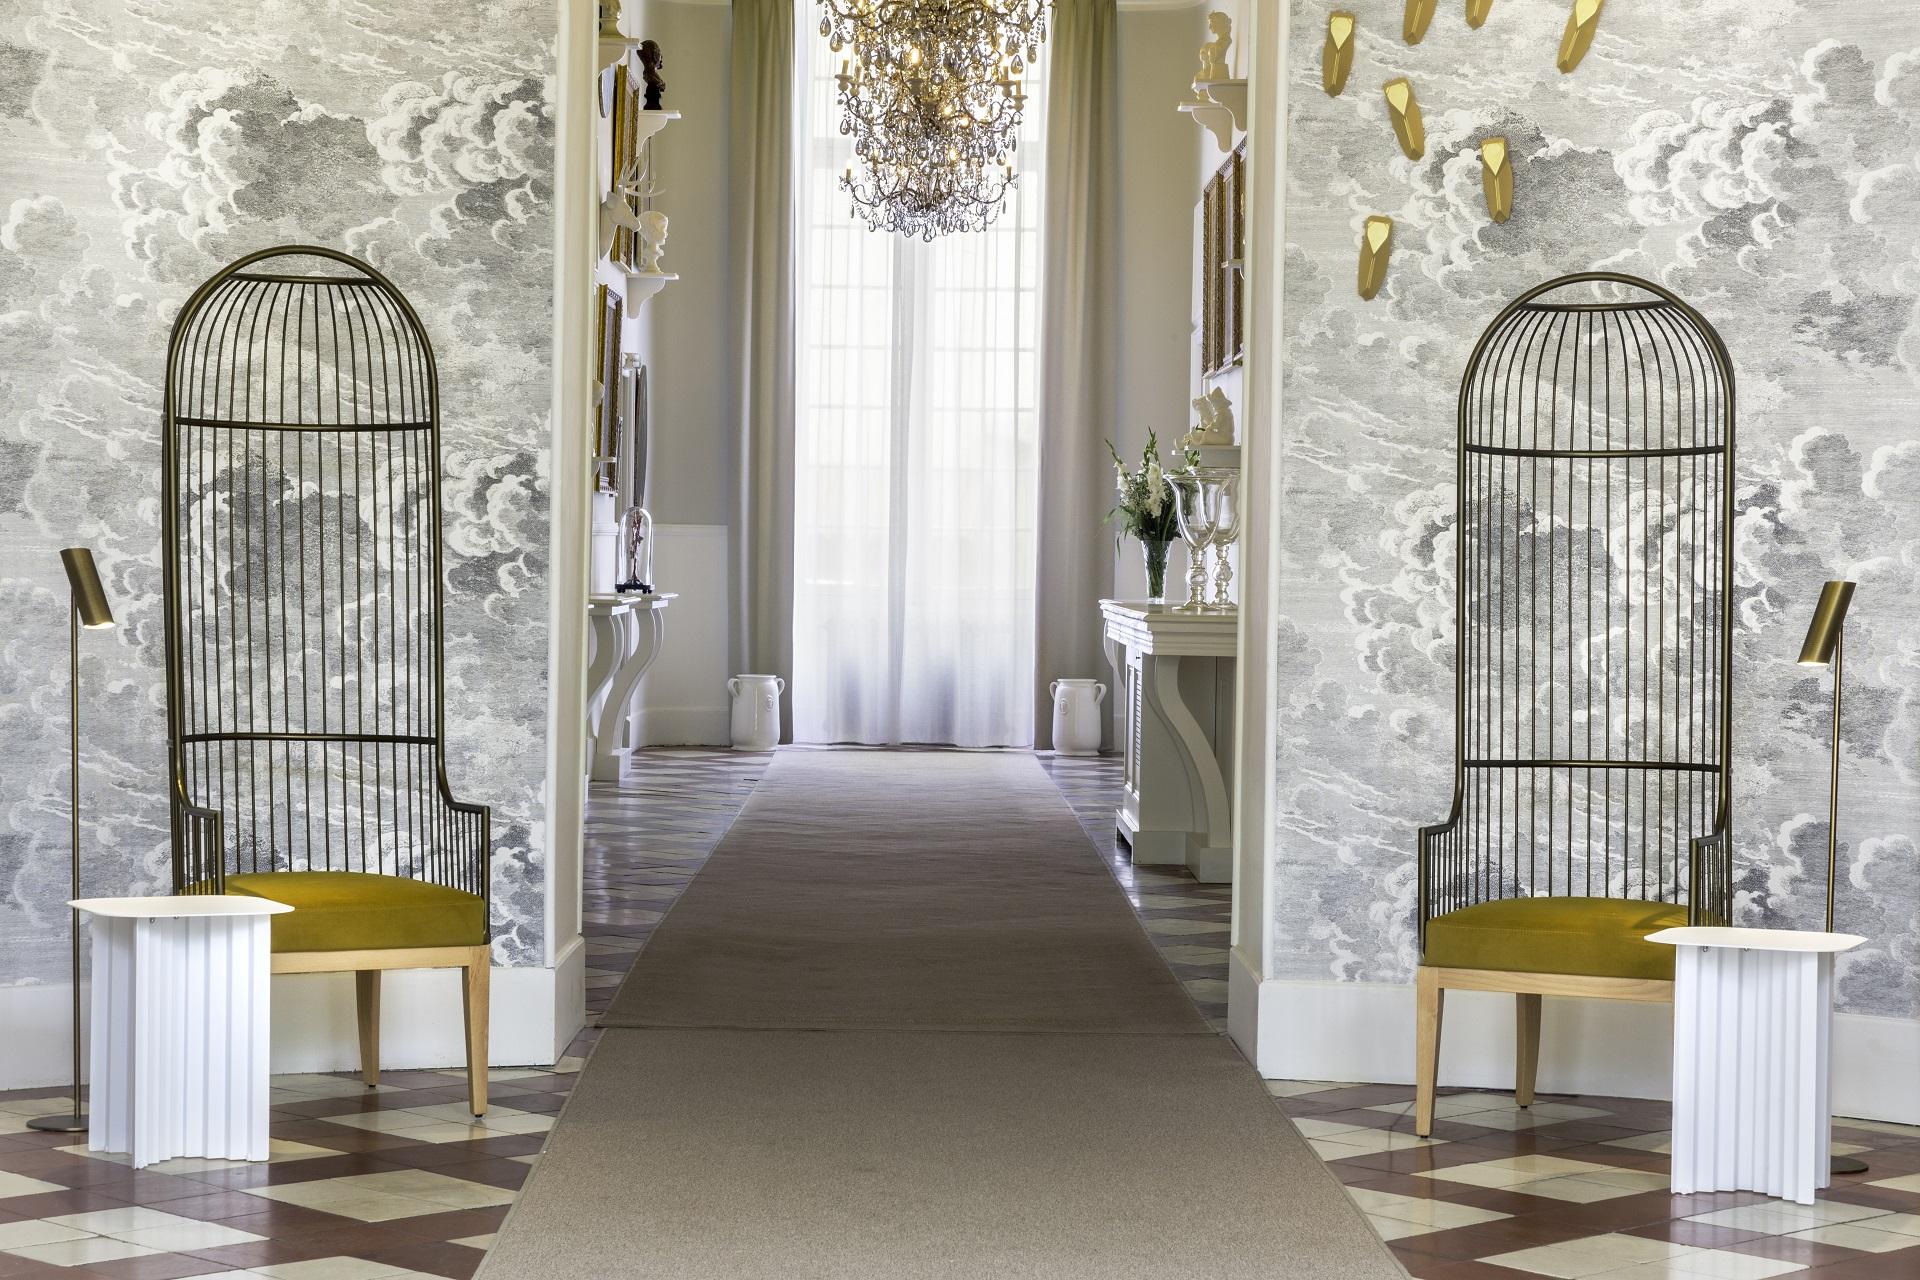 chateau-de-mazan-ventoux-vaucluse -avignon-provence-vestibule-seminaires-de-caractere